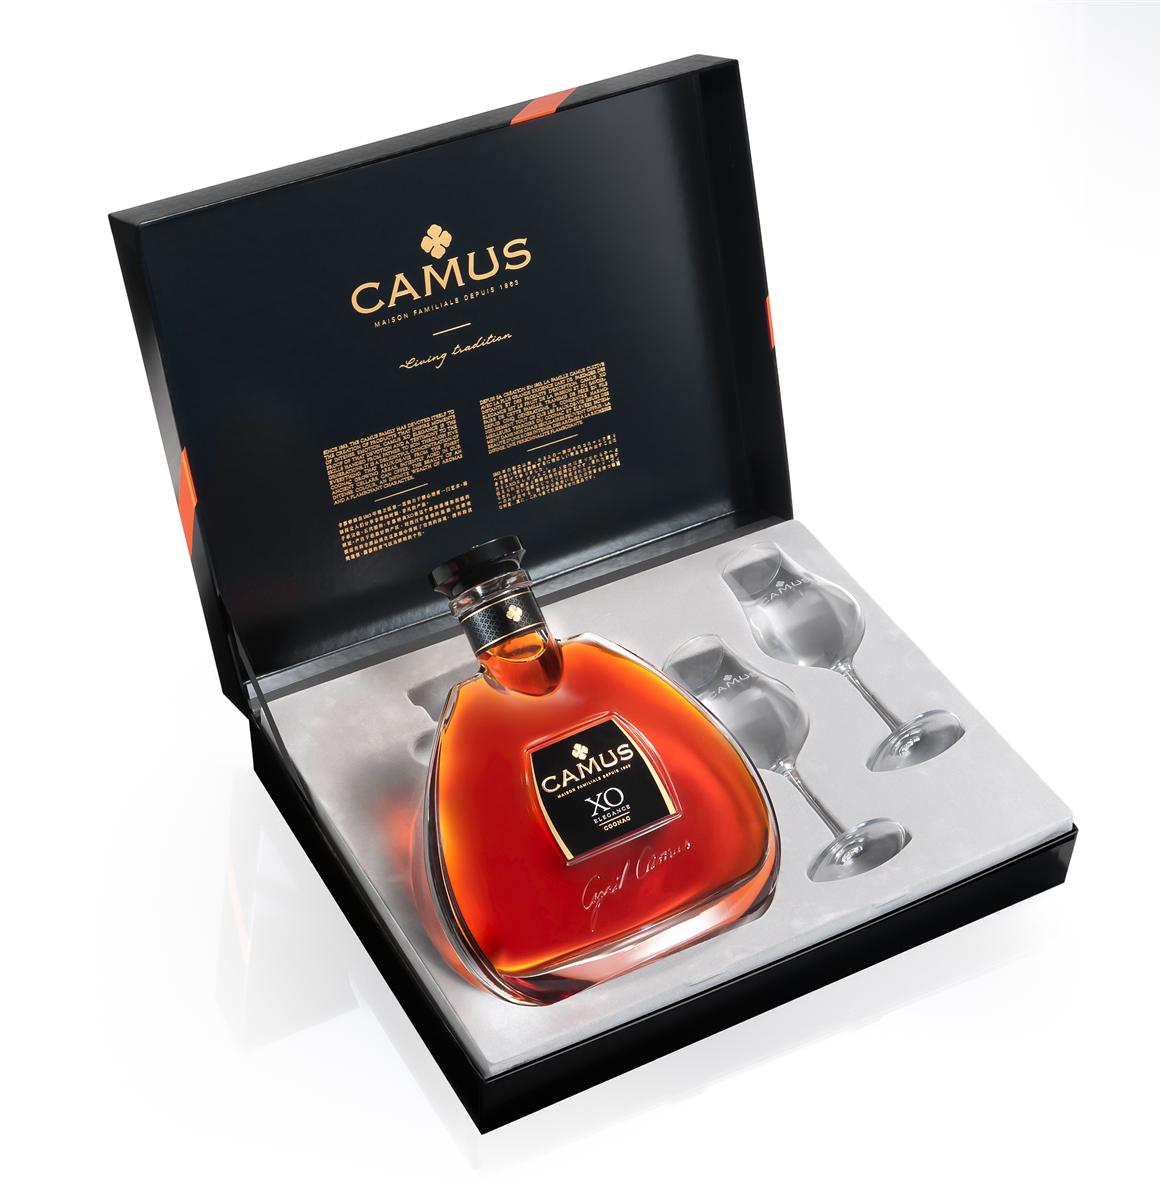 Coffret cadeau Cognac AOP CAMUS XO ELÉGANCE + 2 verres